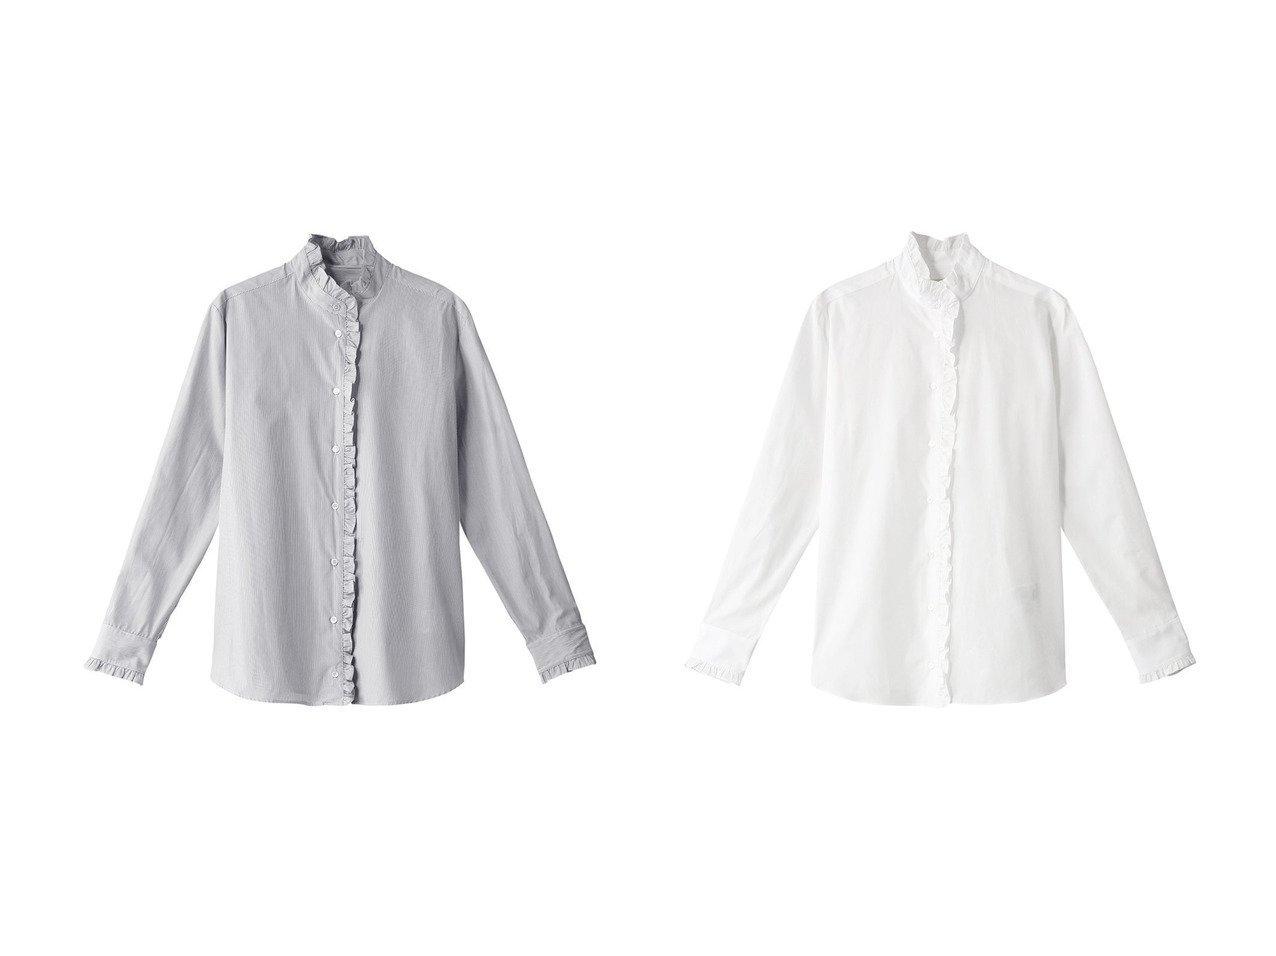 【WEEKEND MAX MARA/ウィークエンド マックスマーラ】のAFGANO コットンポプリンシャツブラウス WEEKEND MAX MARAのおすすめ!人気、トレンド・レディースファッションの通販 おすすめで人気の流行・トレンド、ファッションの通販商品 メンズファッション・キッズファッション・インテリア・家具・レディースファッション・服の通販 founy(ファニー) https://founy.com/ ファッション Fashion レディースファッション WOMEN トップス カットソー Tops Tshirt シャツ/ブラウス Shirts Blouses 2021年 2021 2021 春夏 S/S SS Spring/Summer 2021 S/S 春夏 SS Spring/Summer シンプル スリーブ パーティ フリル ロング 春 Spring |ID:crp329100000019892